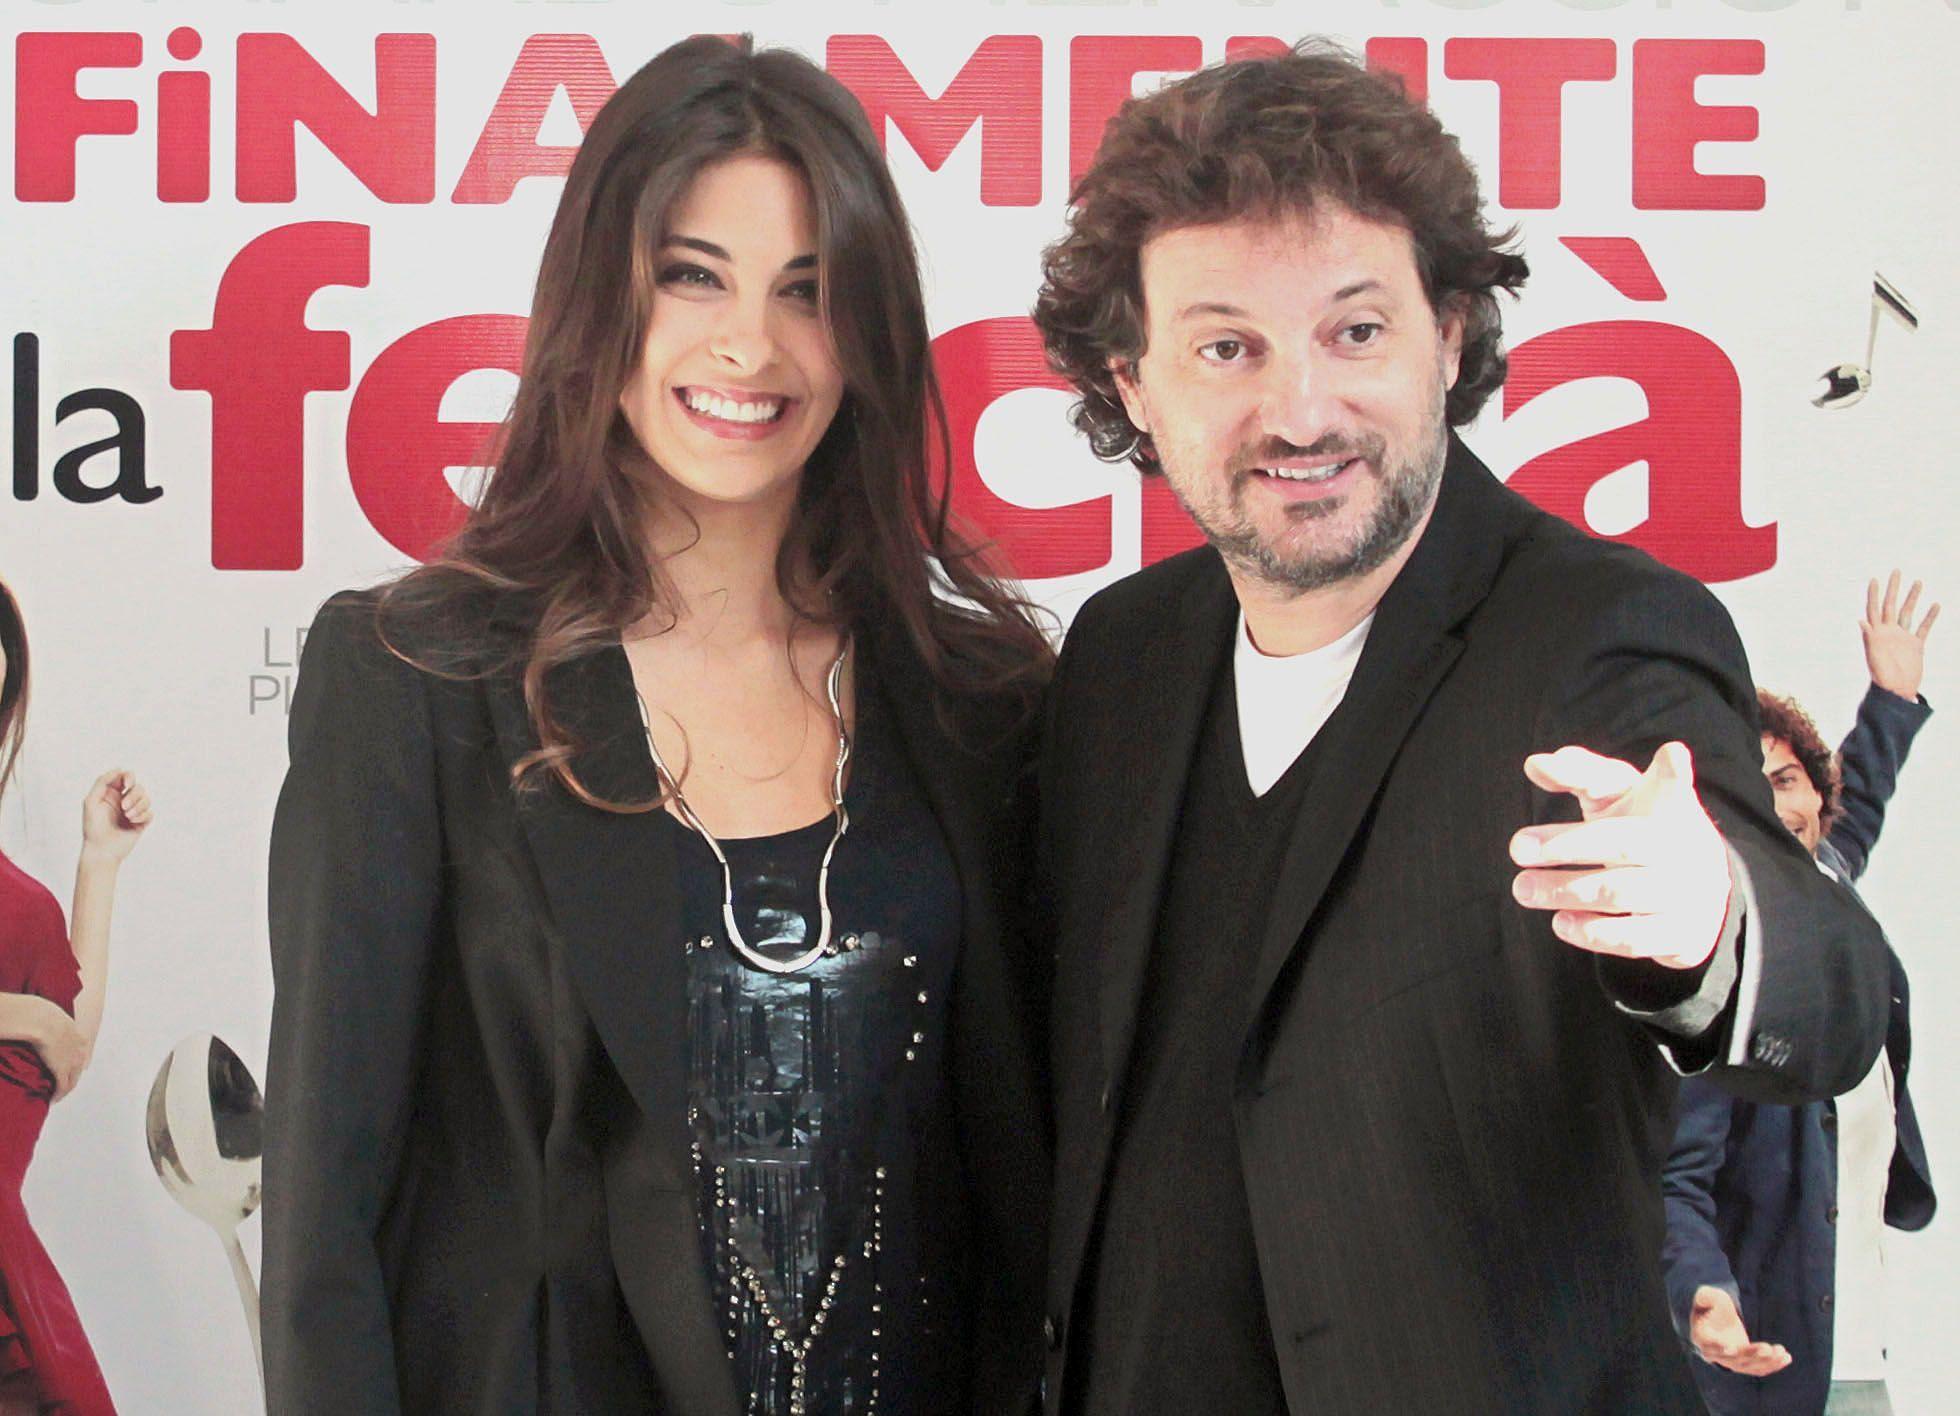 Leonardo Pieraccioni, Ariadna Romero è la nuova fiamma?